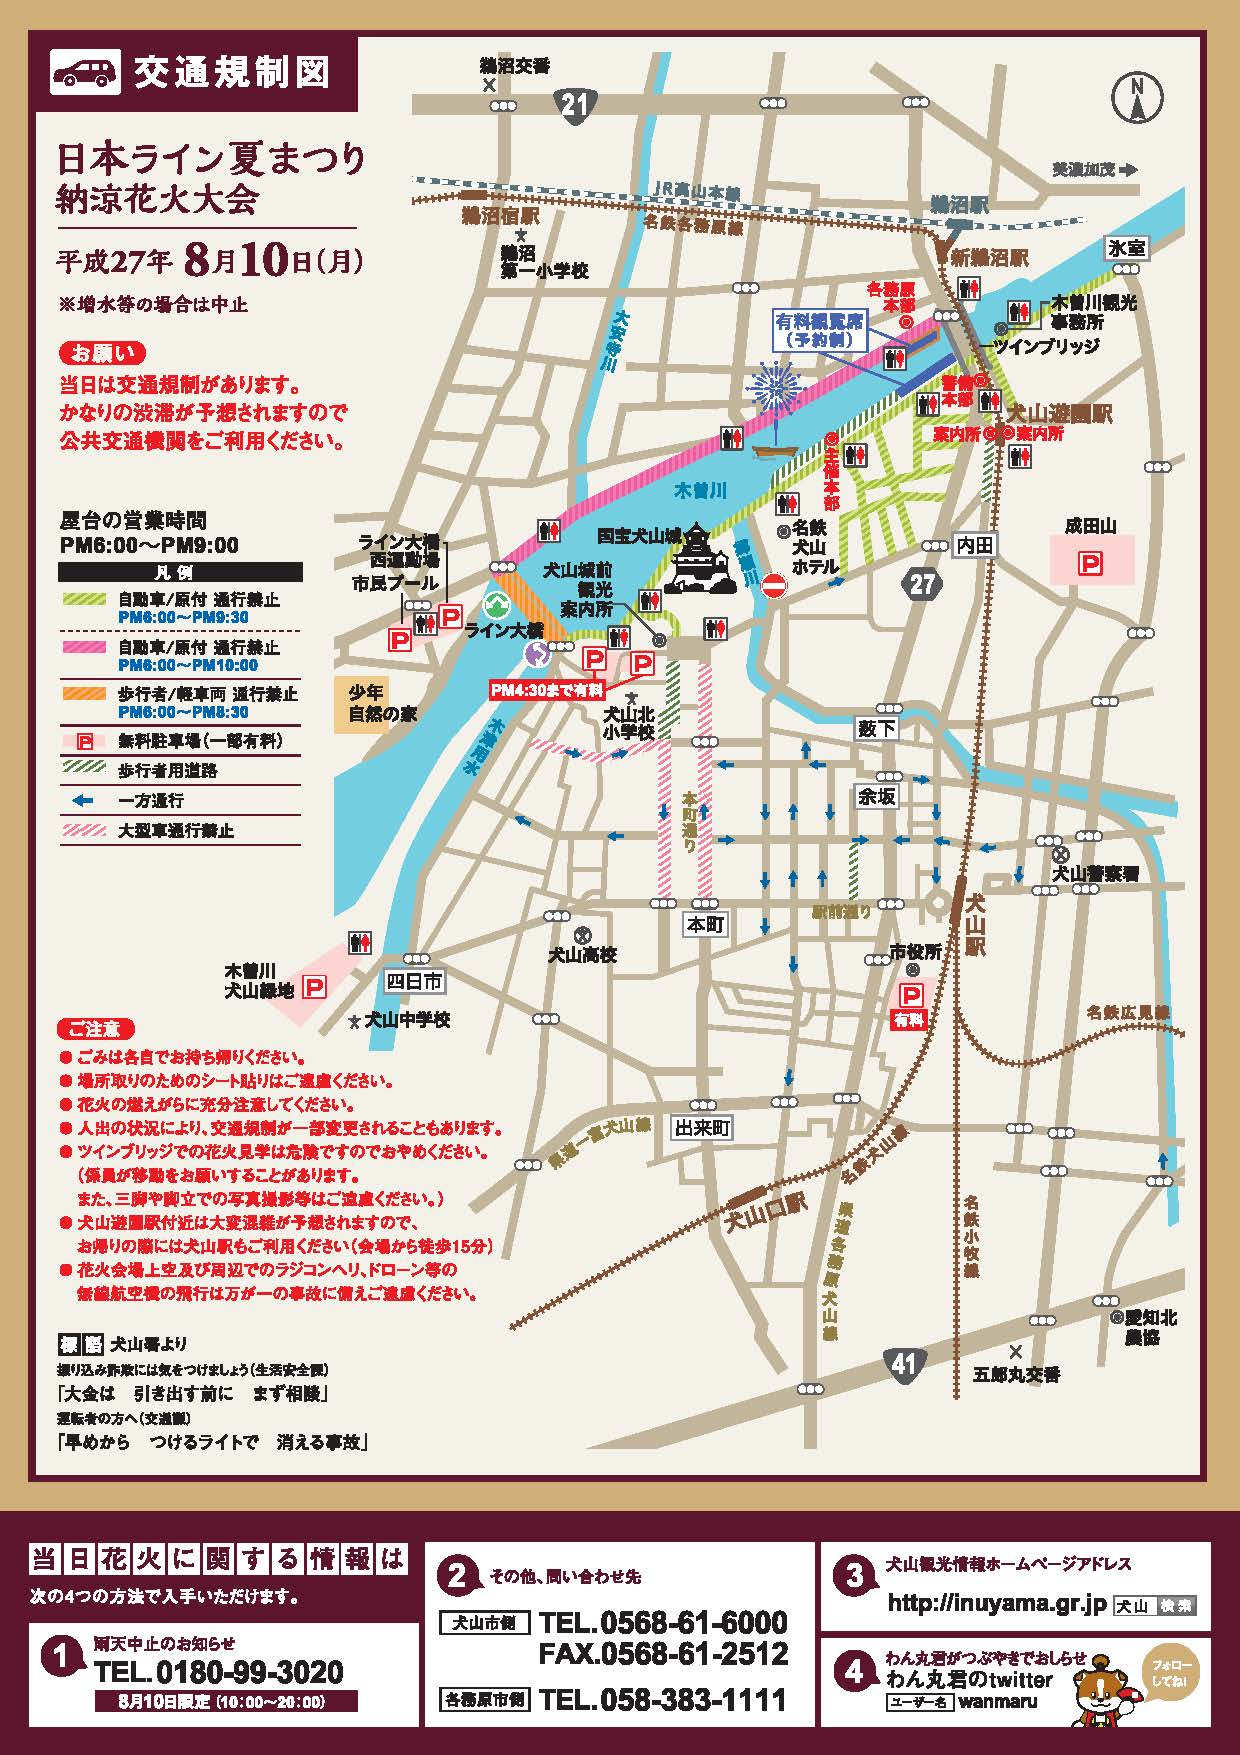 hanabi-program-2015-soto2